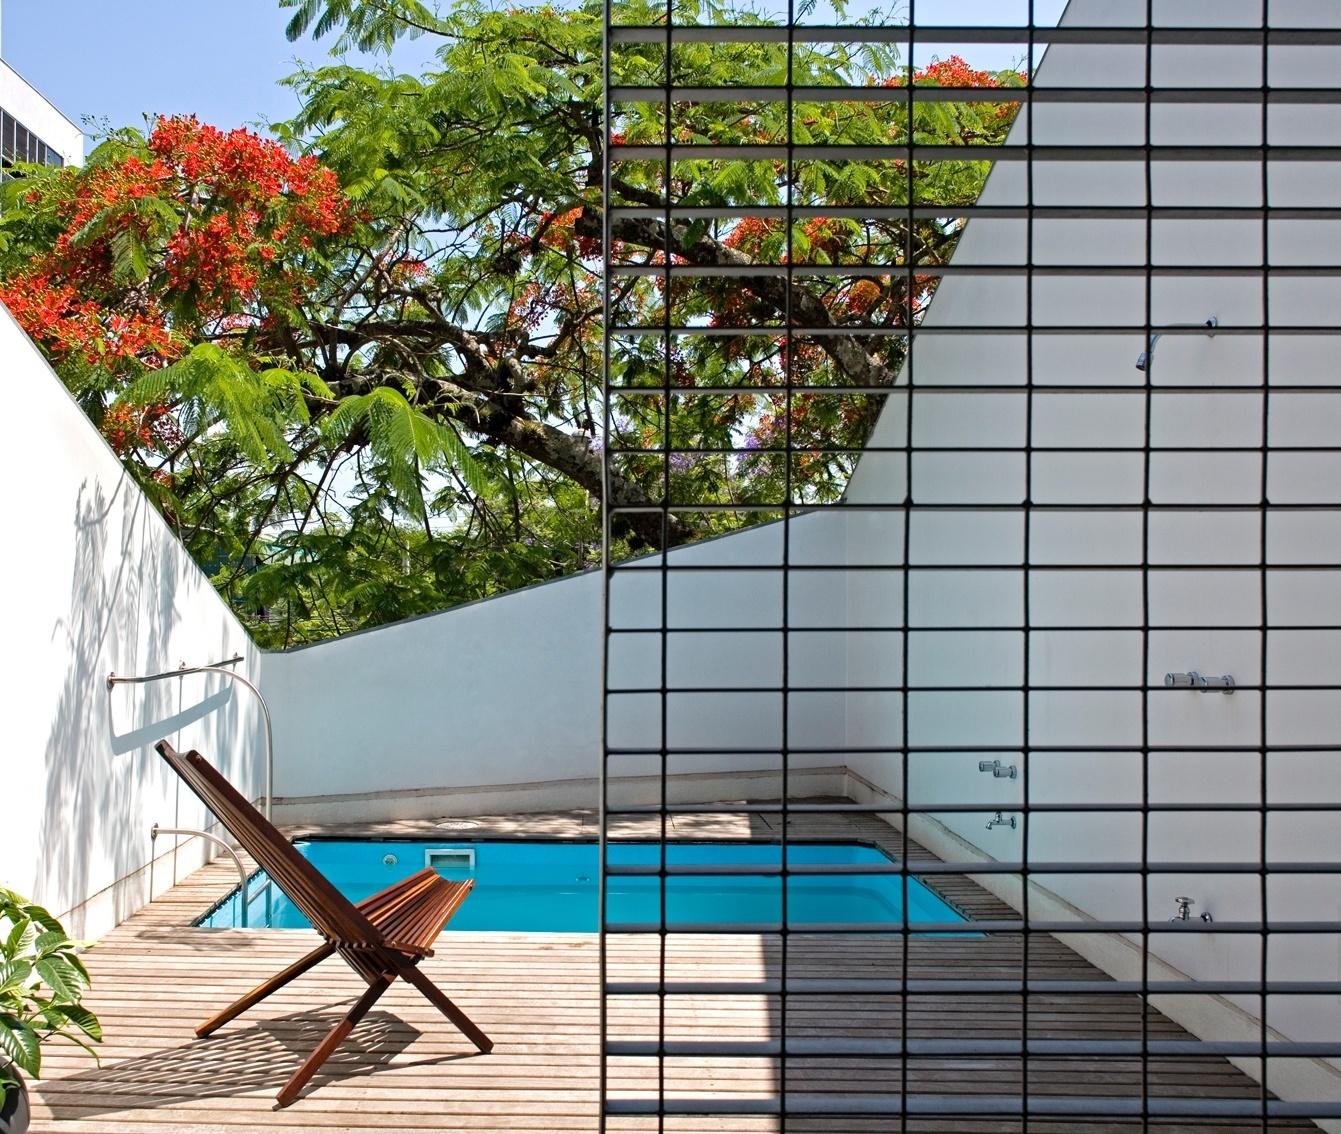 A piscina da Slice House é um bloco flutuante: a superfície da água está no mesmo nível do piso do pavimento superior e a parede com que o deck faz contato (alvenaria, acima do nível da água) abriga um ambiente para hóspedes. Abaixo do nível da água, a parede da piscina é de vidro estrutural e funciona como janela para a sala de estar. A casa em Porto Alegre (RS) tem projeto do escritório Procter-Rihl